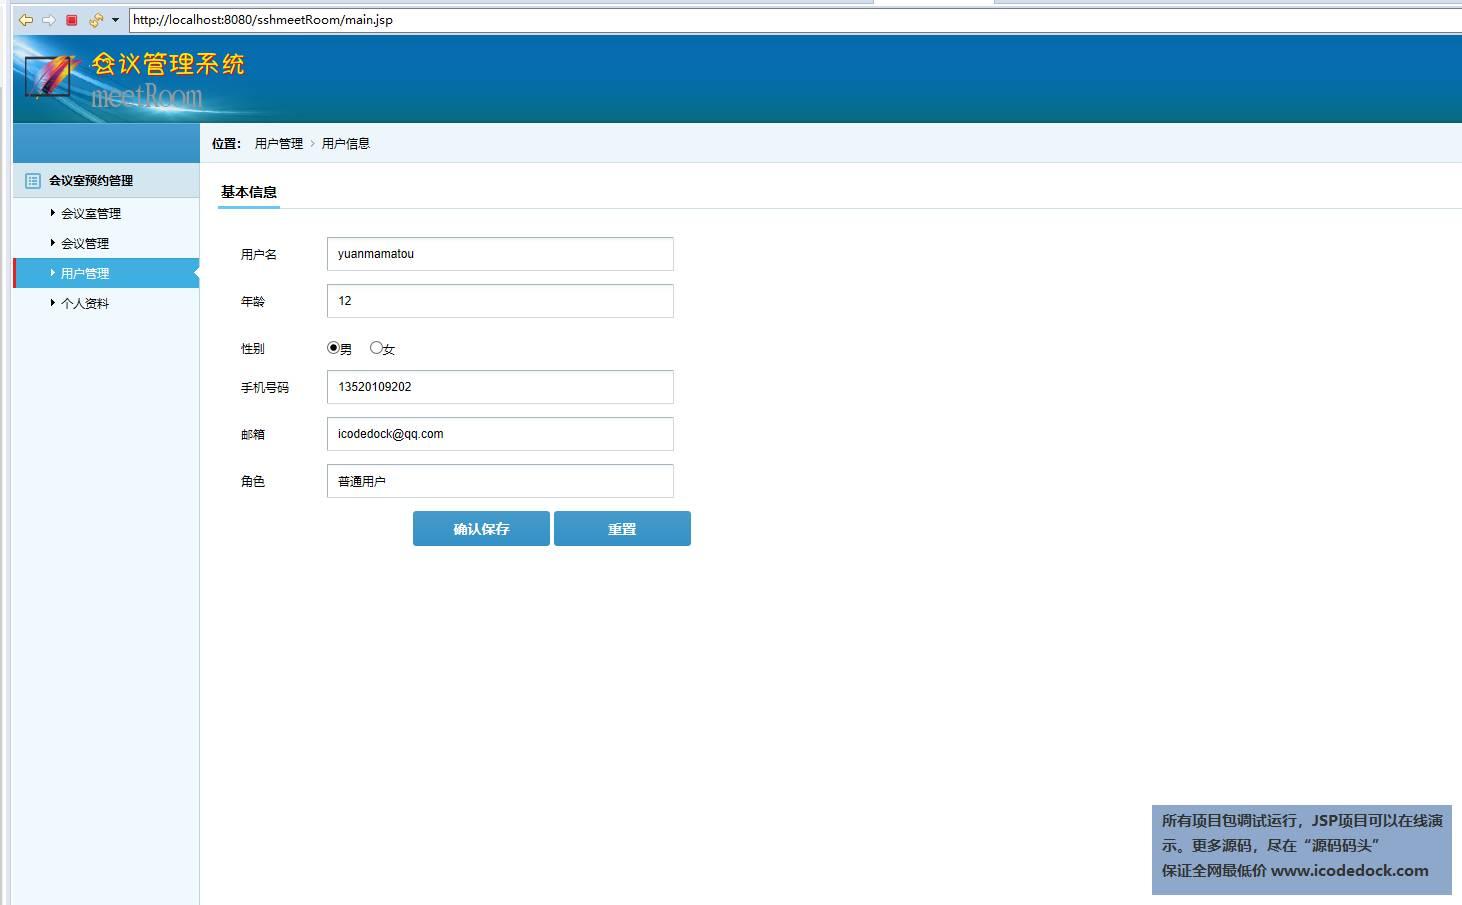 源码码头-SSH会议室管理系统-用户角色-修改个人信息